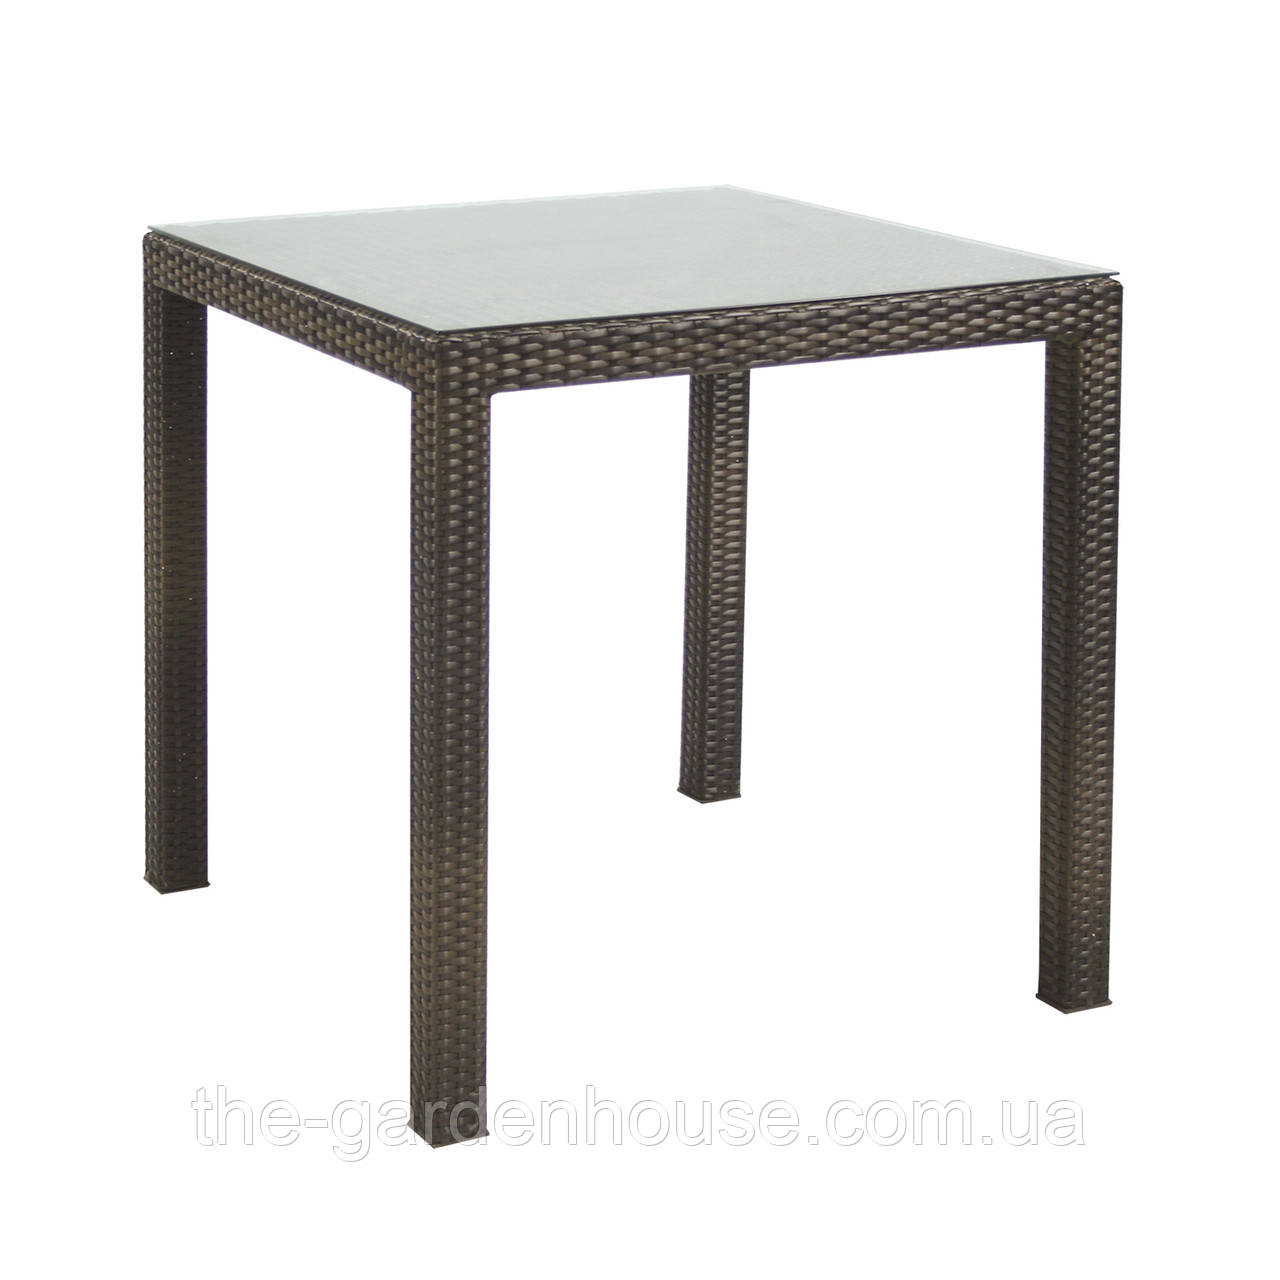 Обеденный стол Wicker из искусственного ротанга 73х73 см темно-коричневый